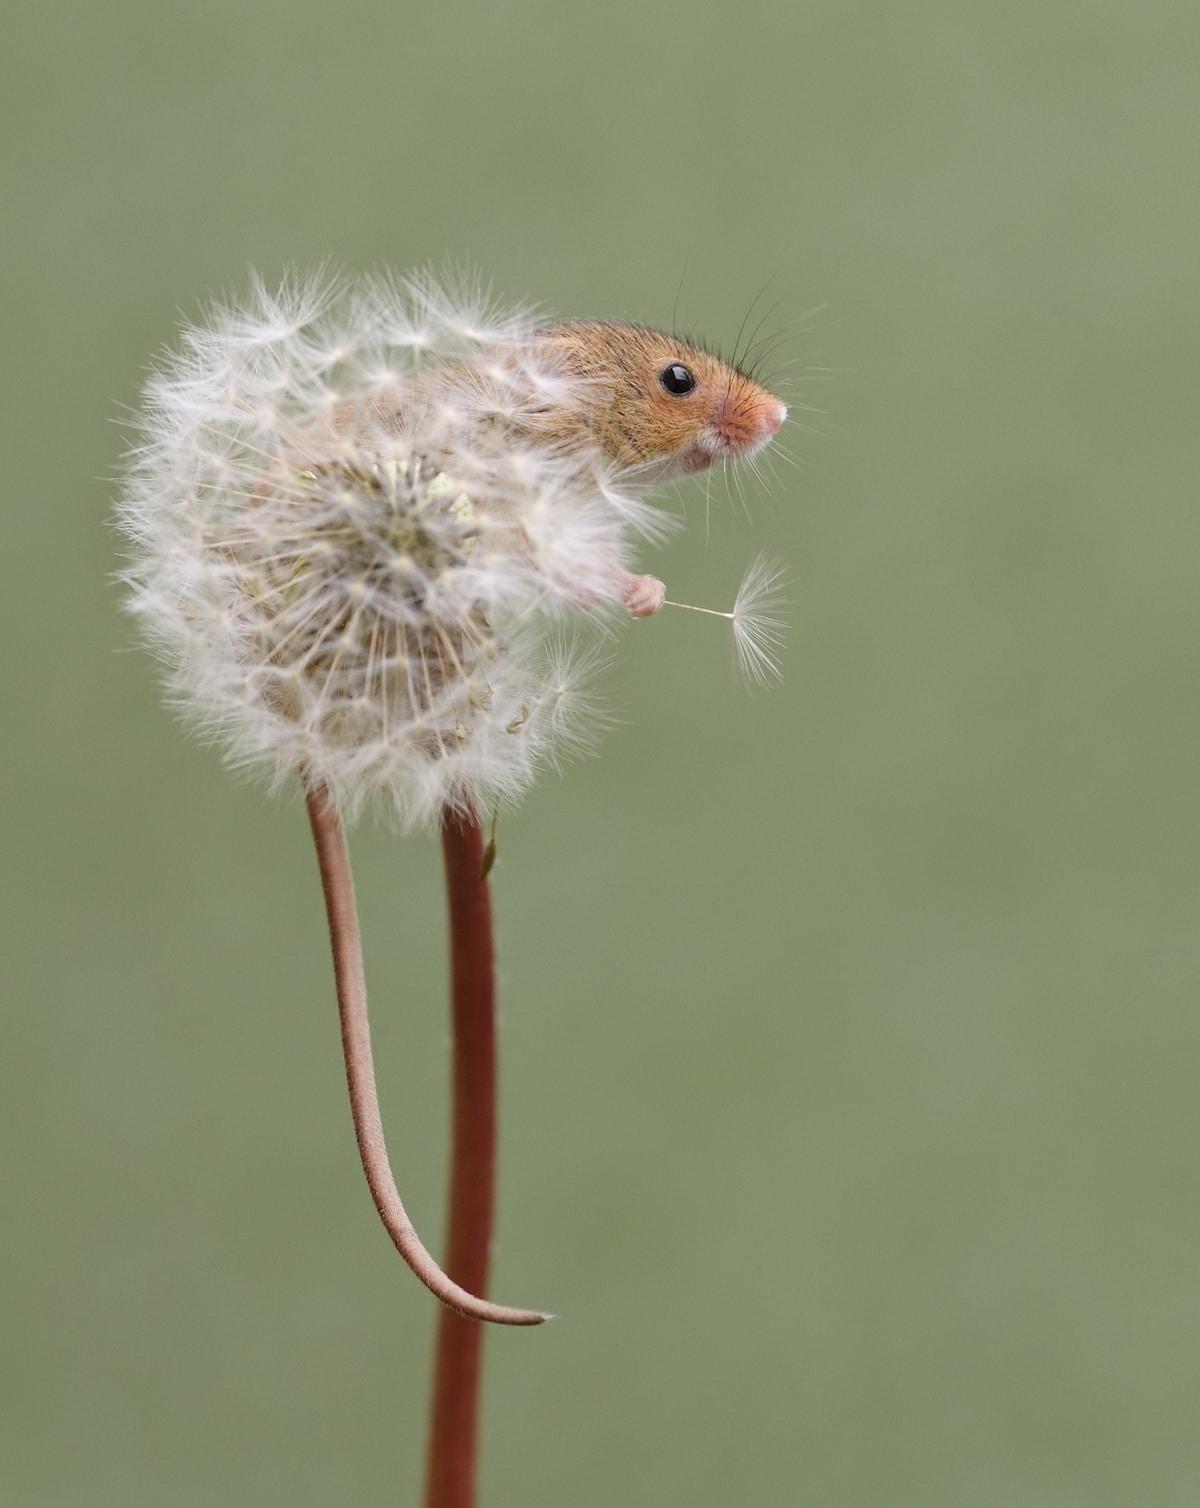 ვირთხა, თაგვი, ფოტოგრაფია, ბლოგი, Qwelly